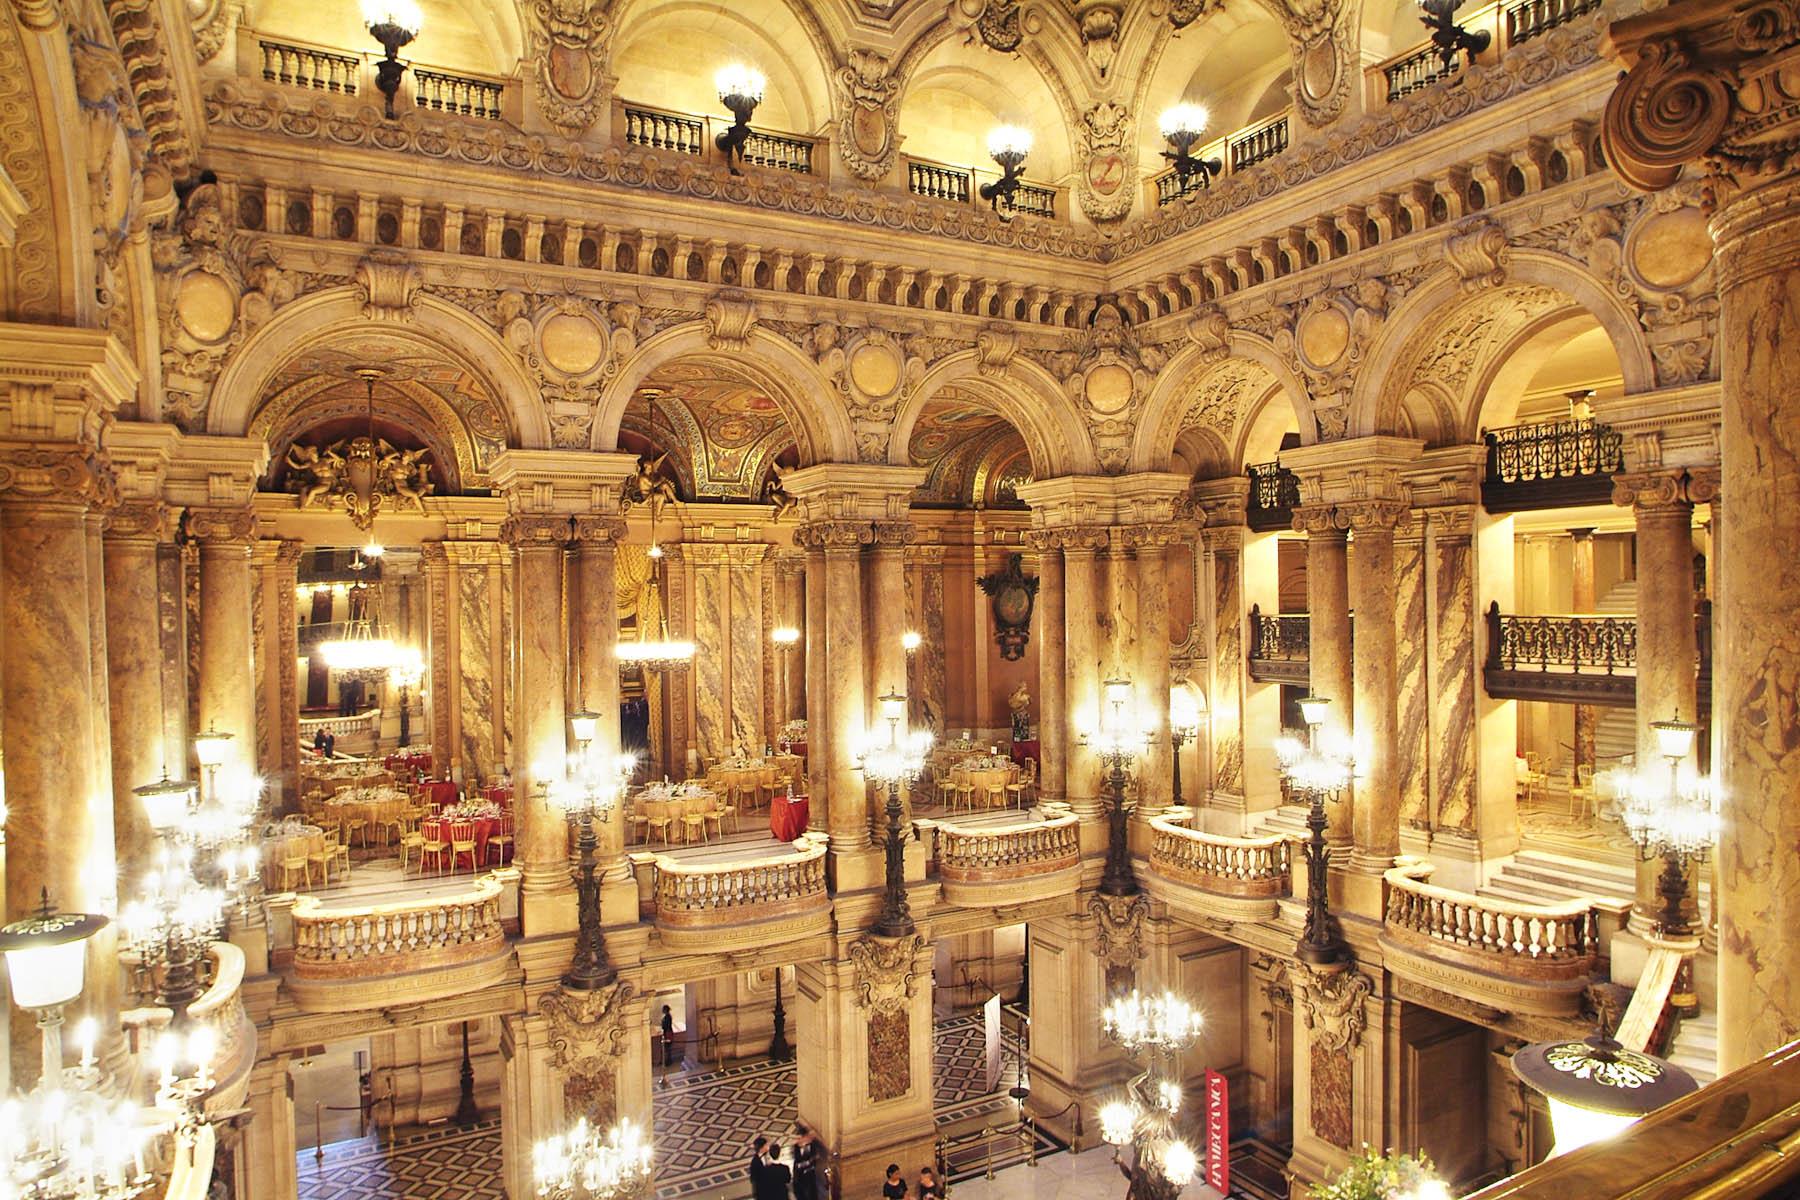 Photographe de Vue Panoramique : L'Opéra de Paris pour Butard Enescot